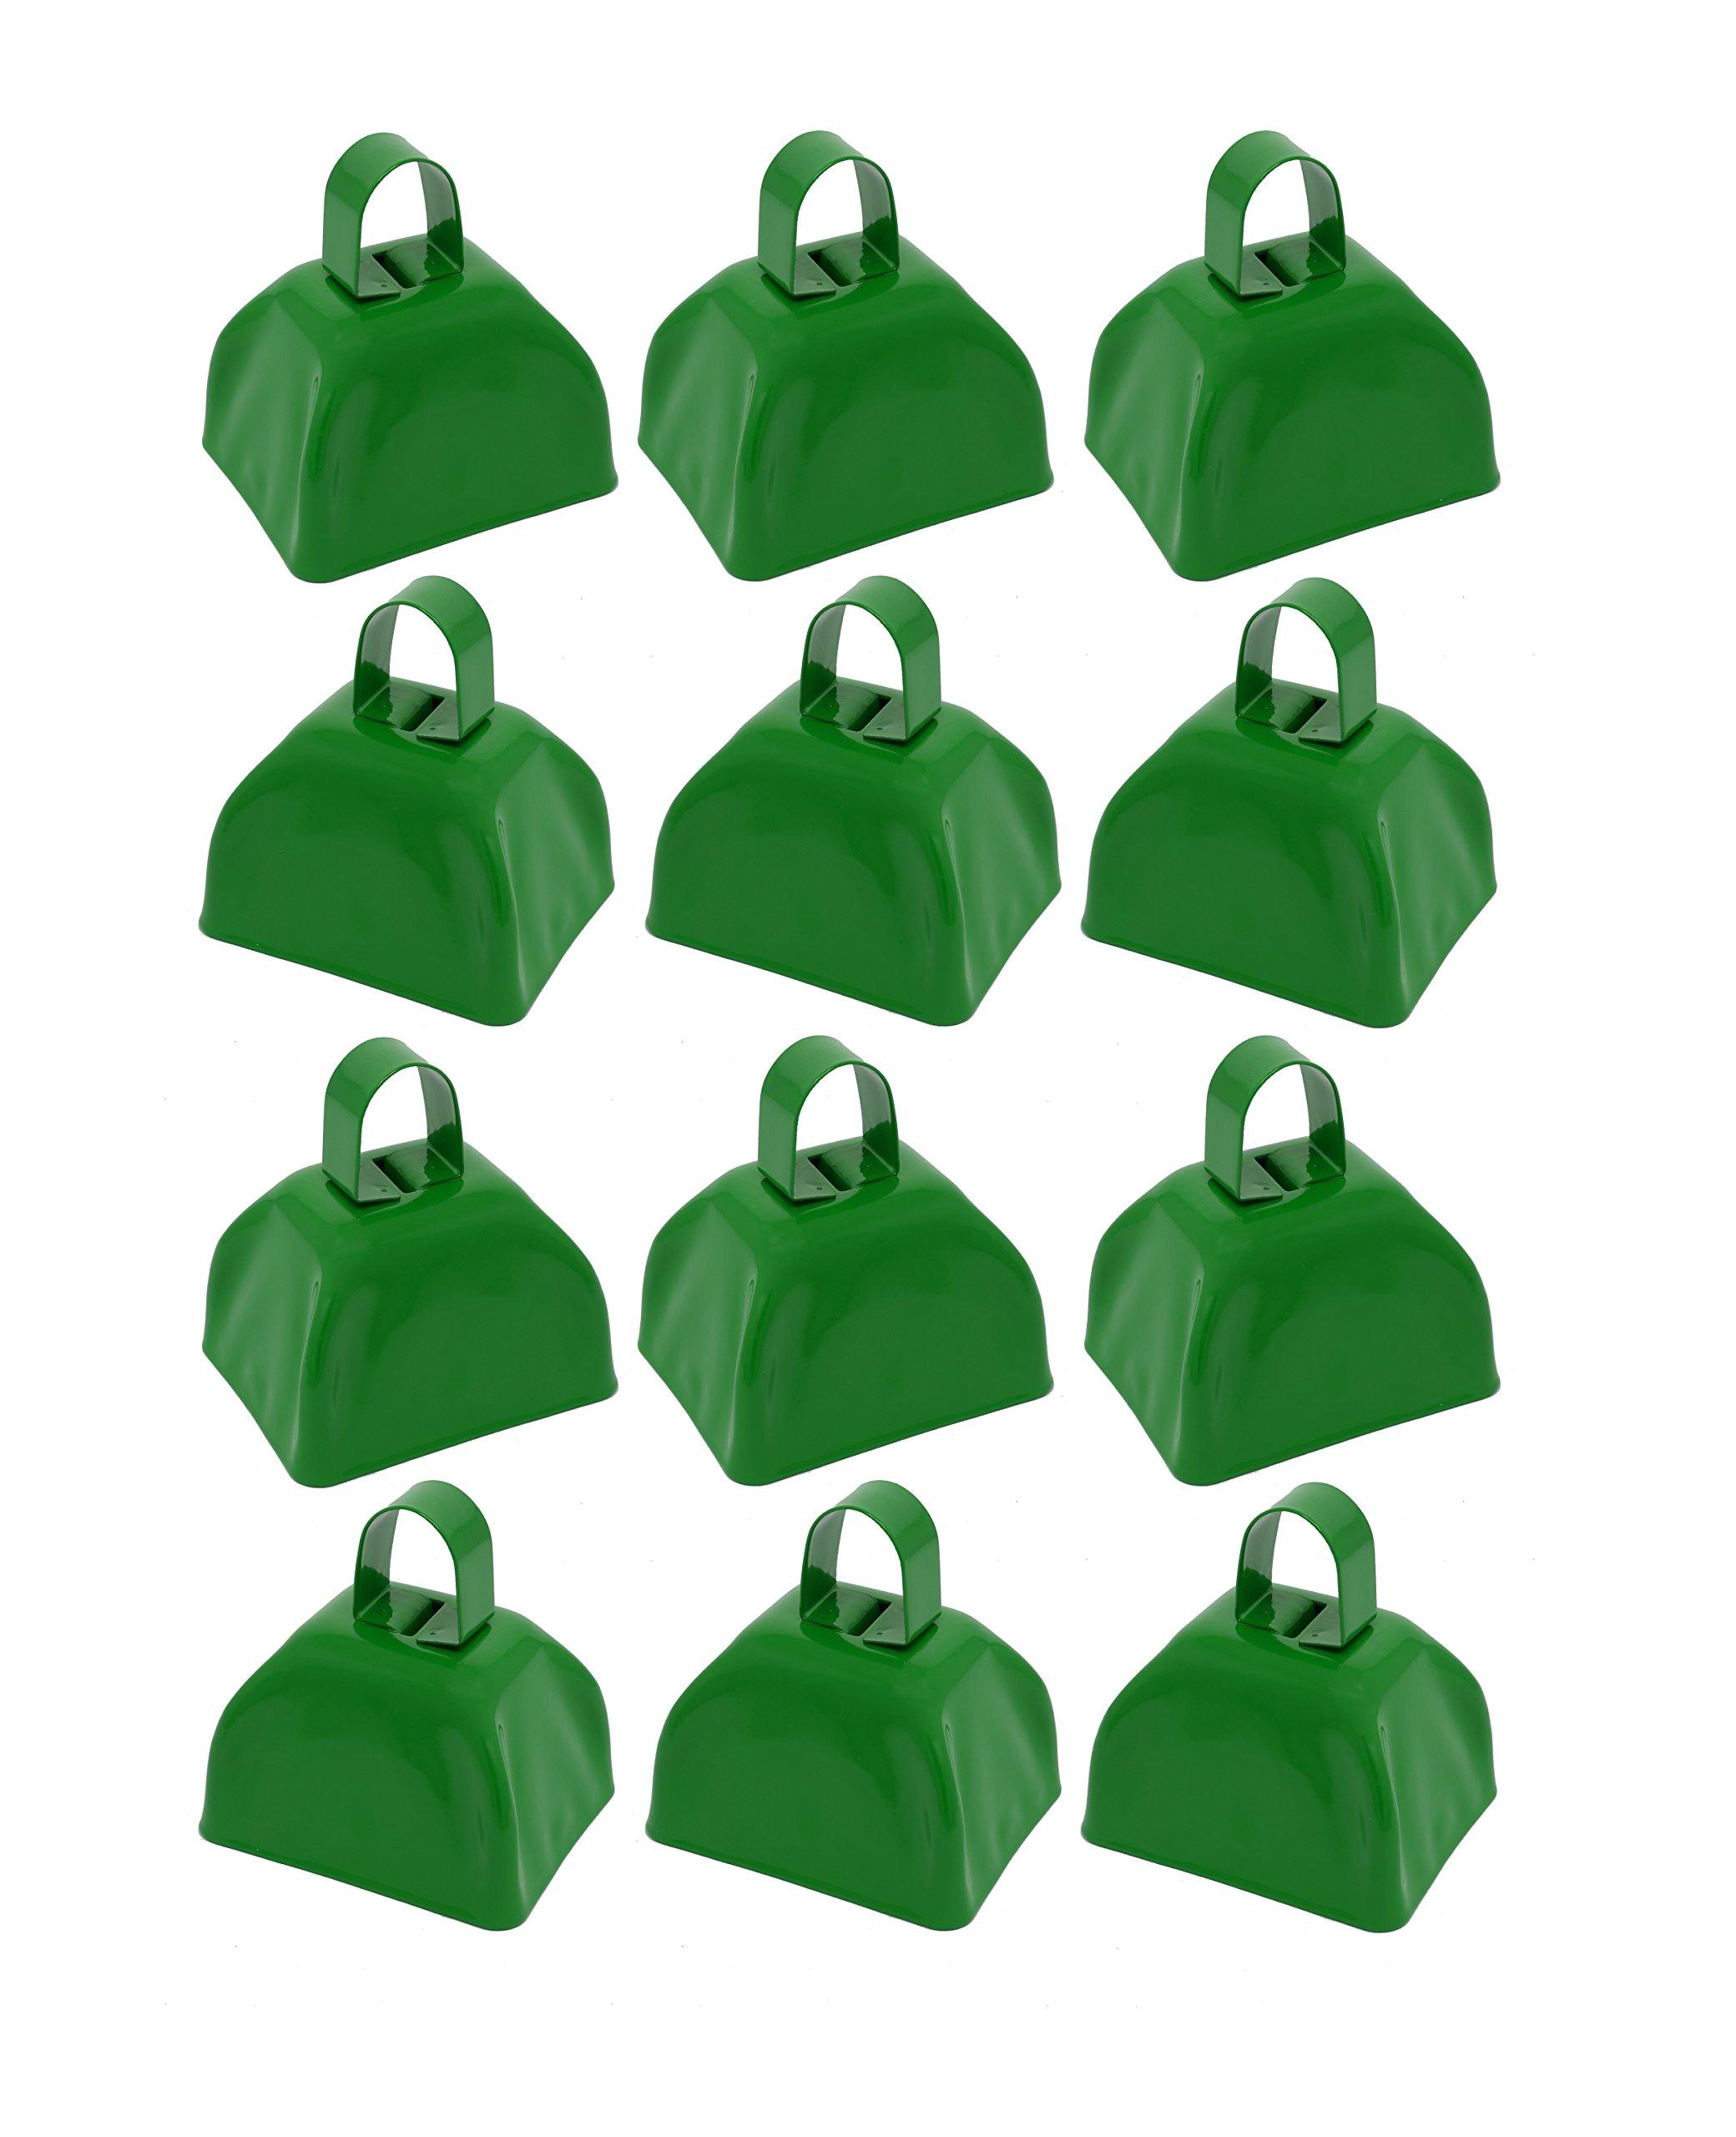 School Cowbells - Set of 12 Metal Cowbell Noisemakers (Select A Color) (Green)